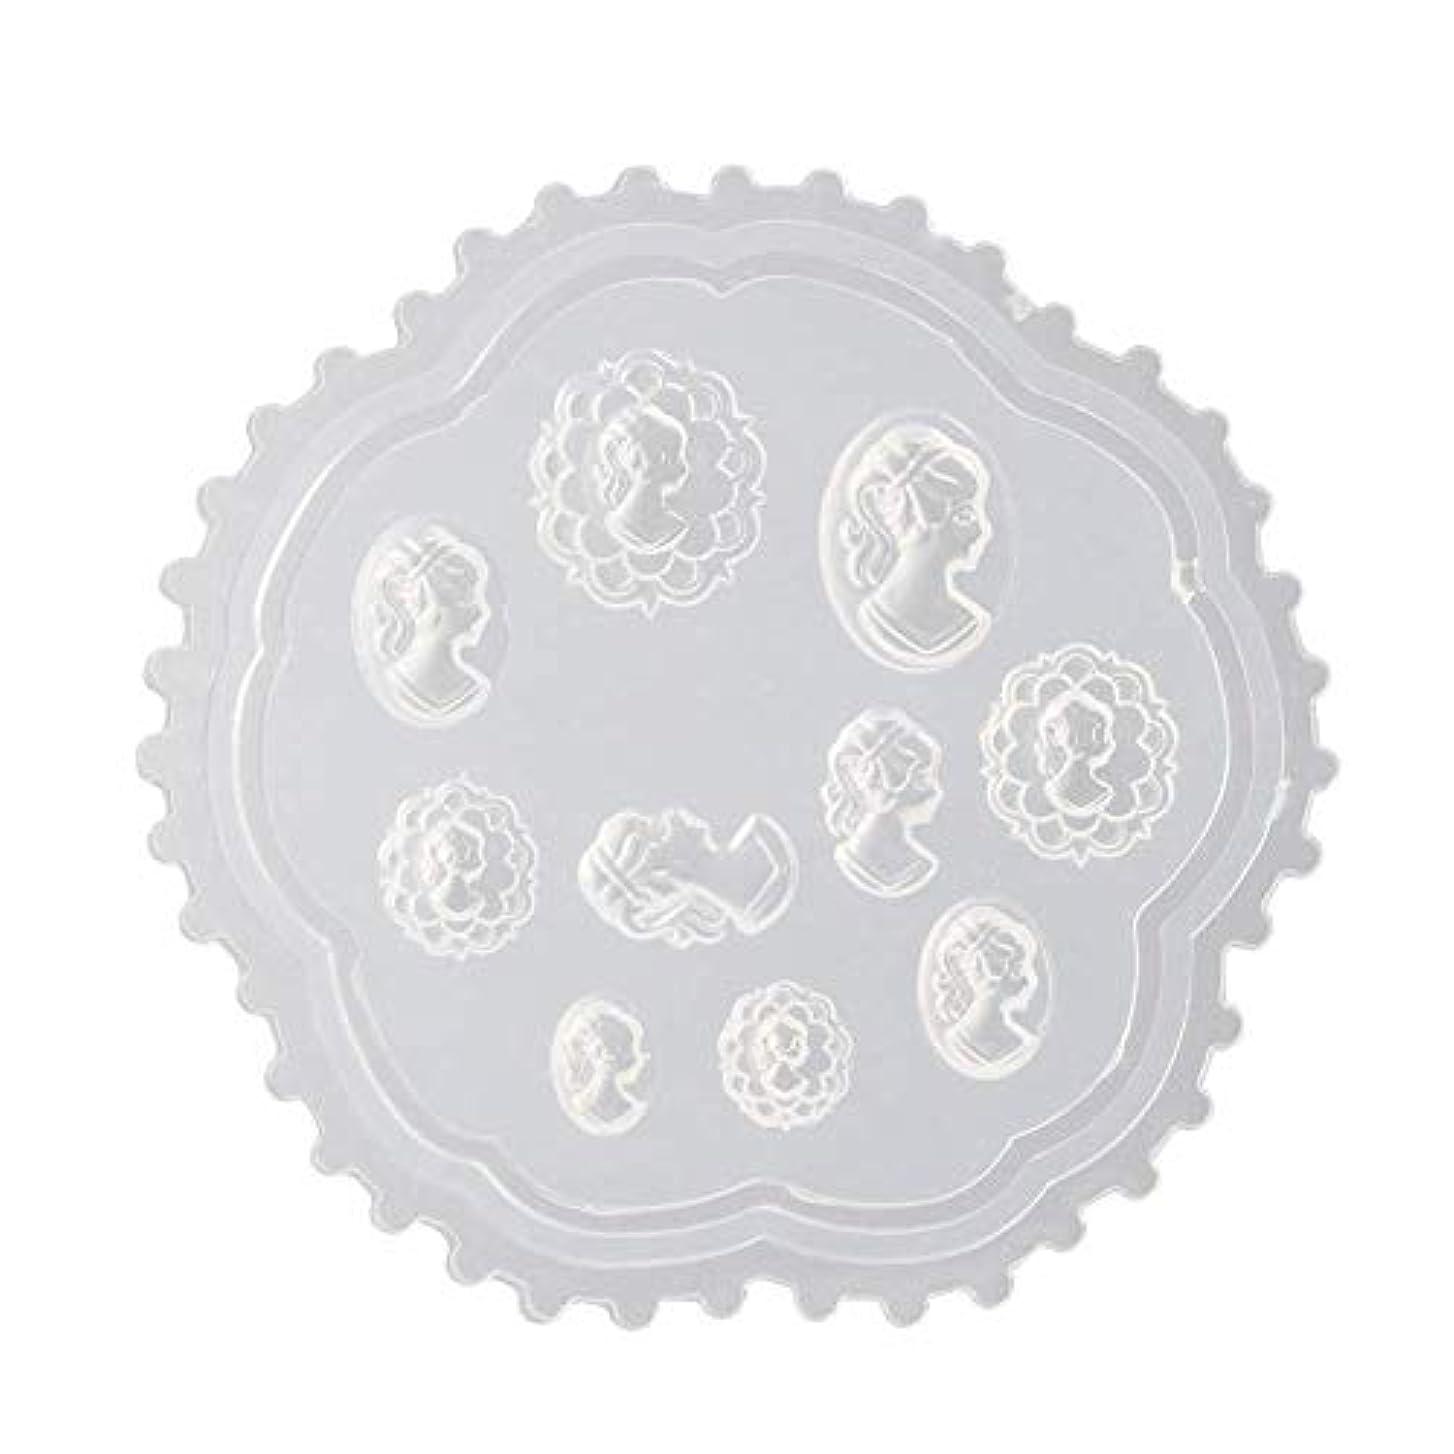 畝間良い調子Flymylion 3Dシリコンモールド ネイル 葉 花 抜き型 3Dネイル用 レジンモールド UVレジン ネイルパーツ ジェル ネイル セット アクセサリー パーツ 作成 (2)